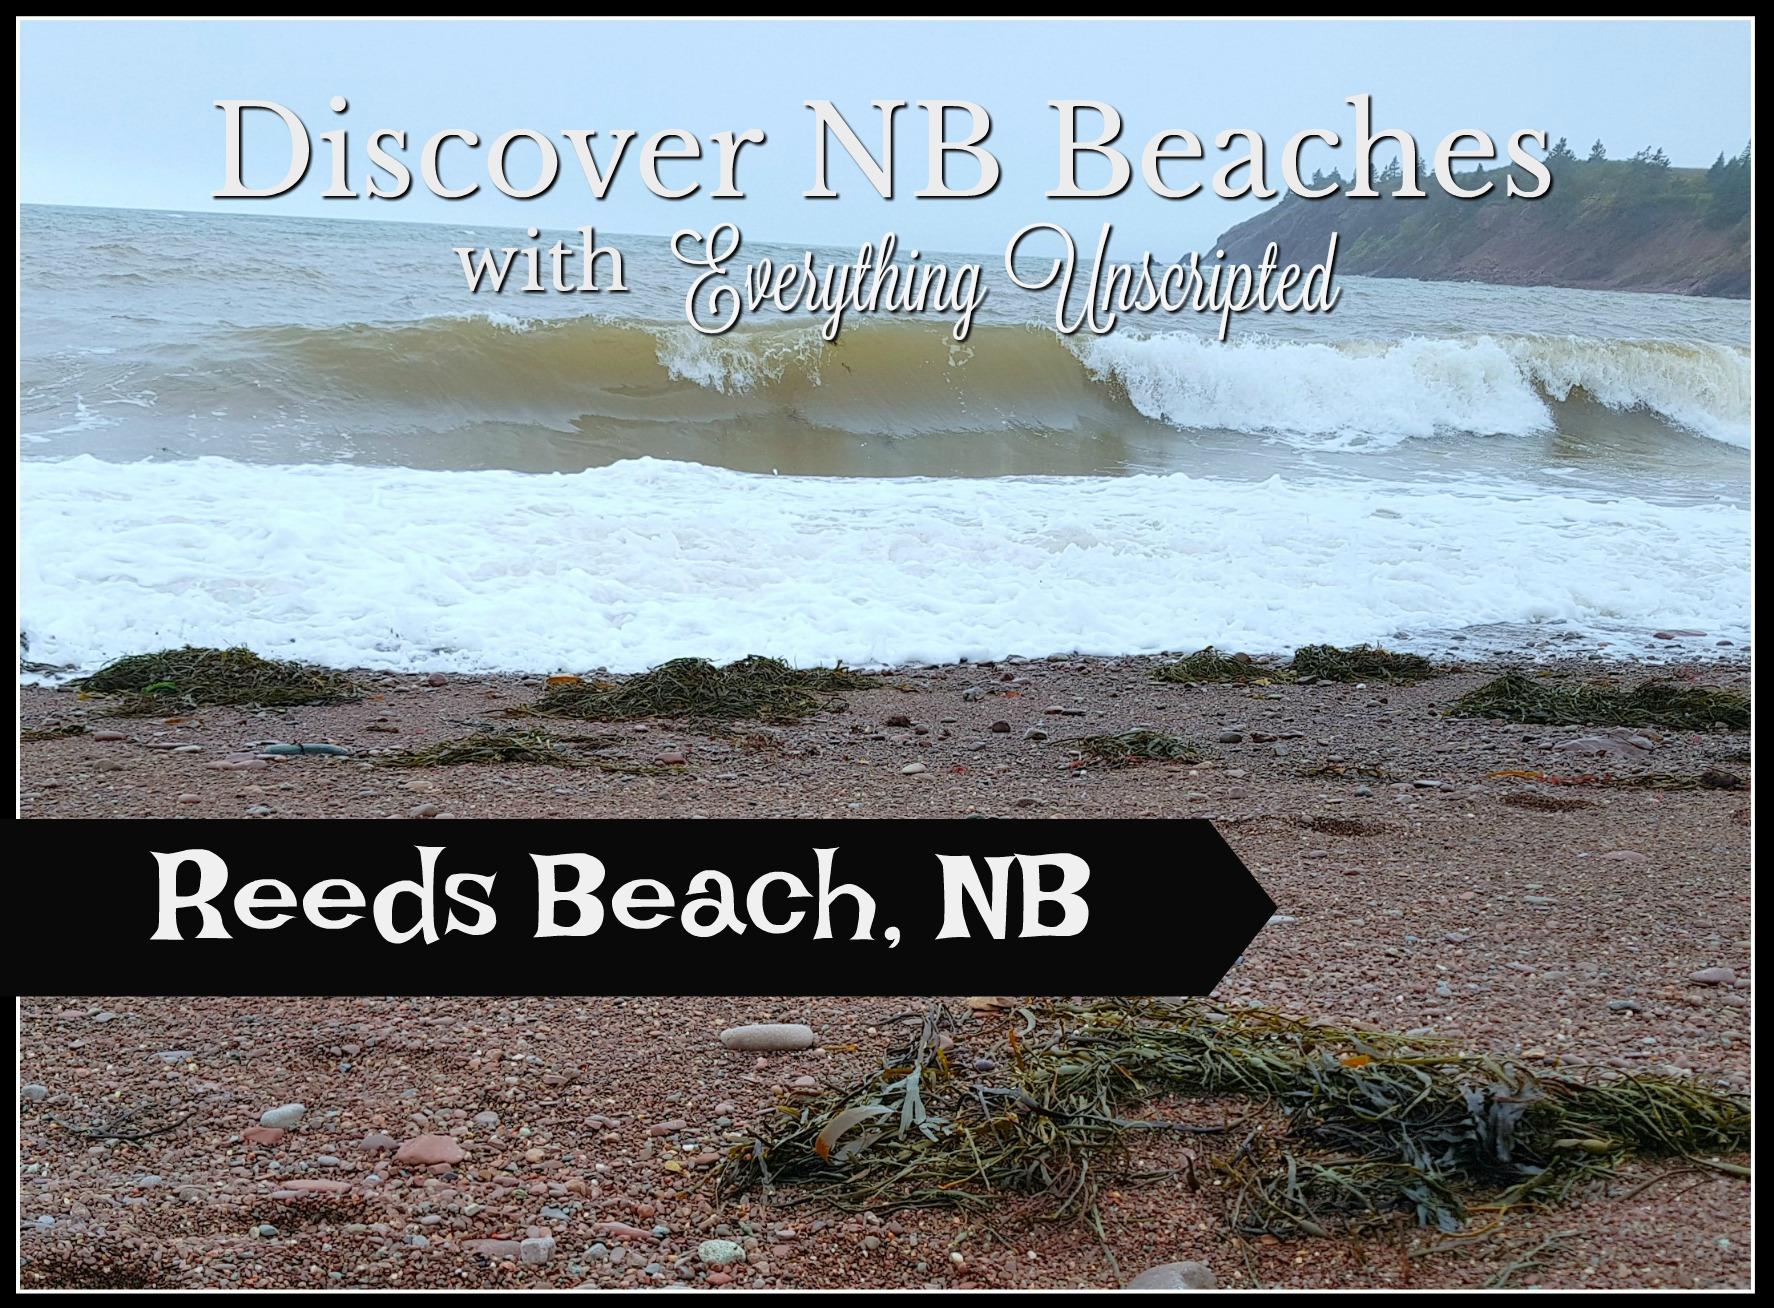 Reeds Beach